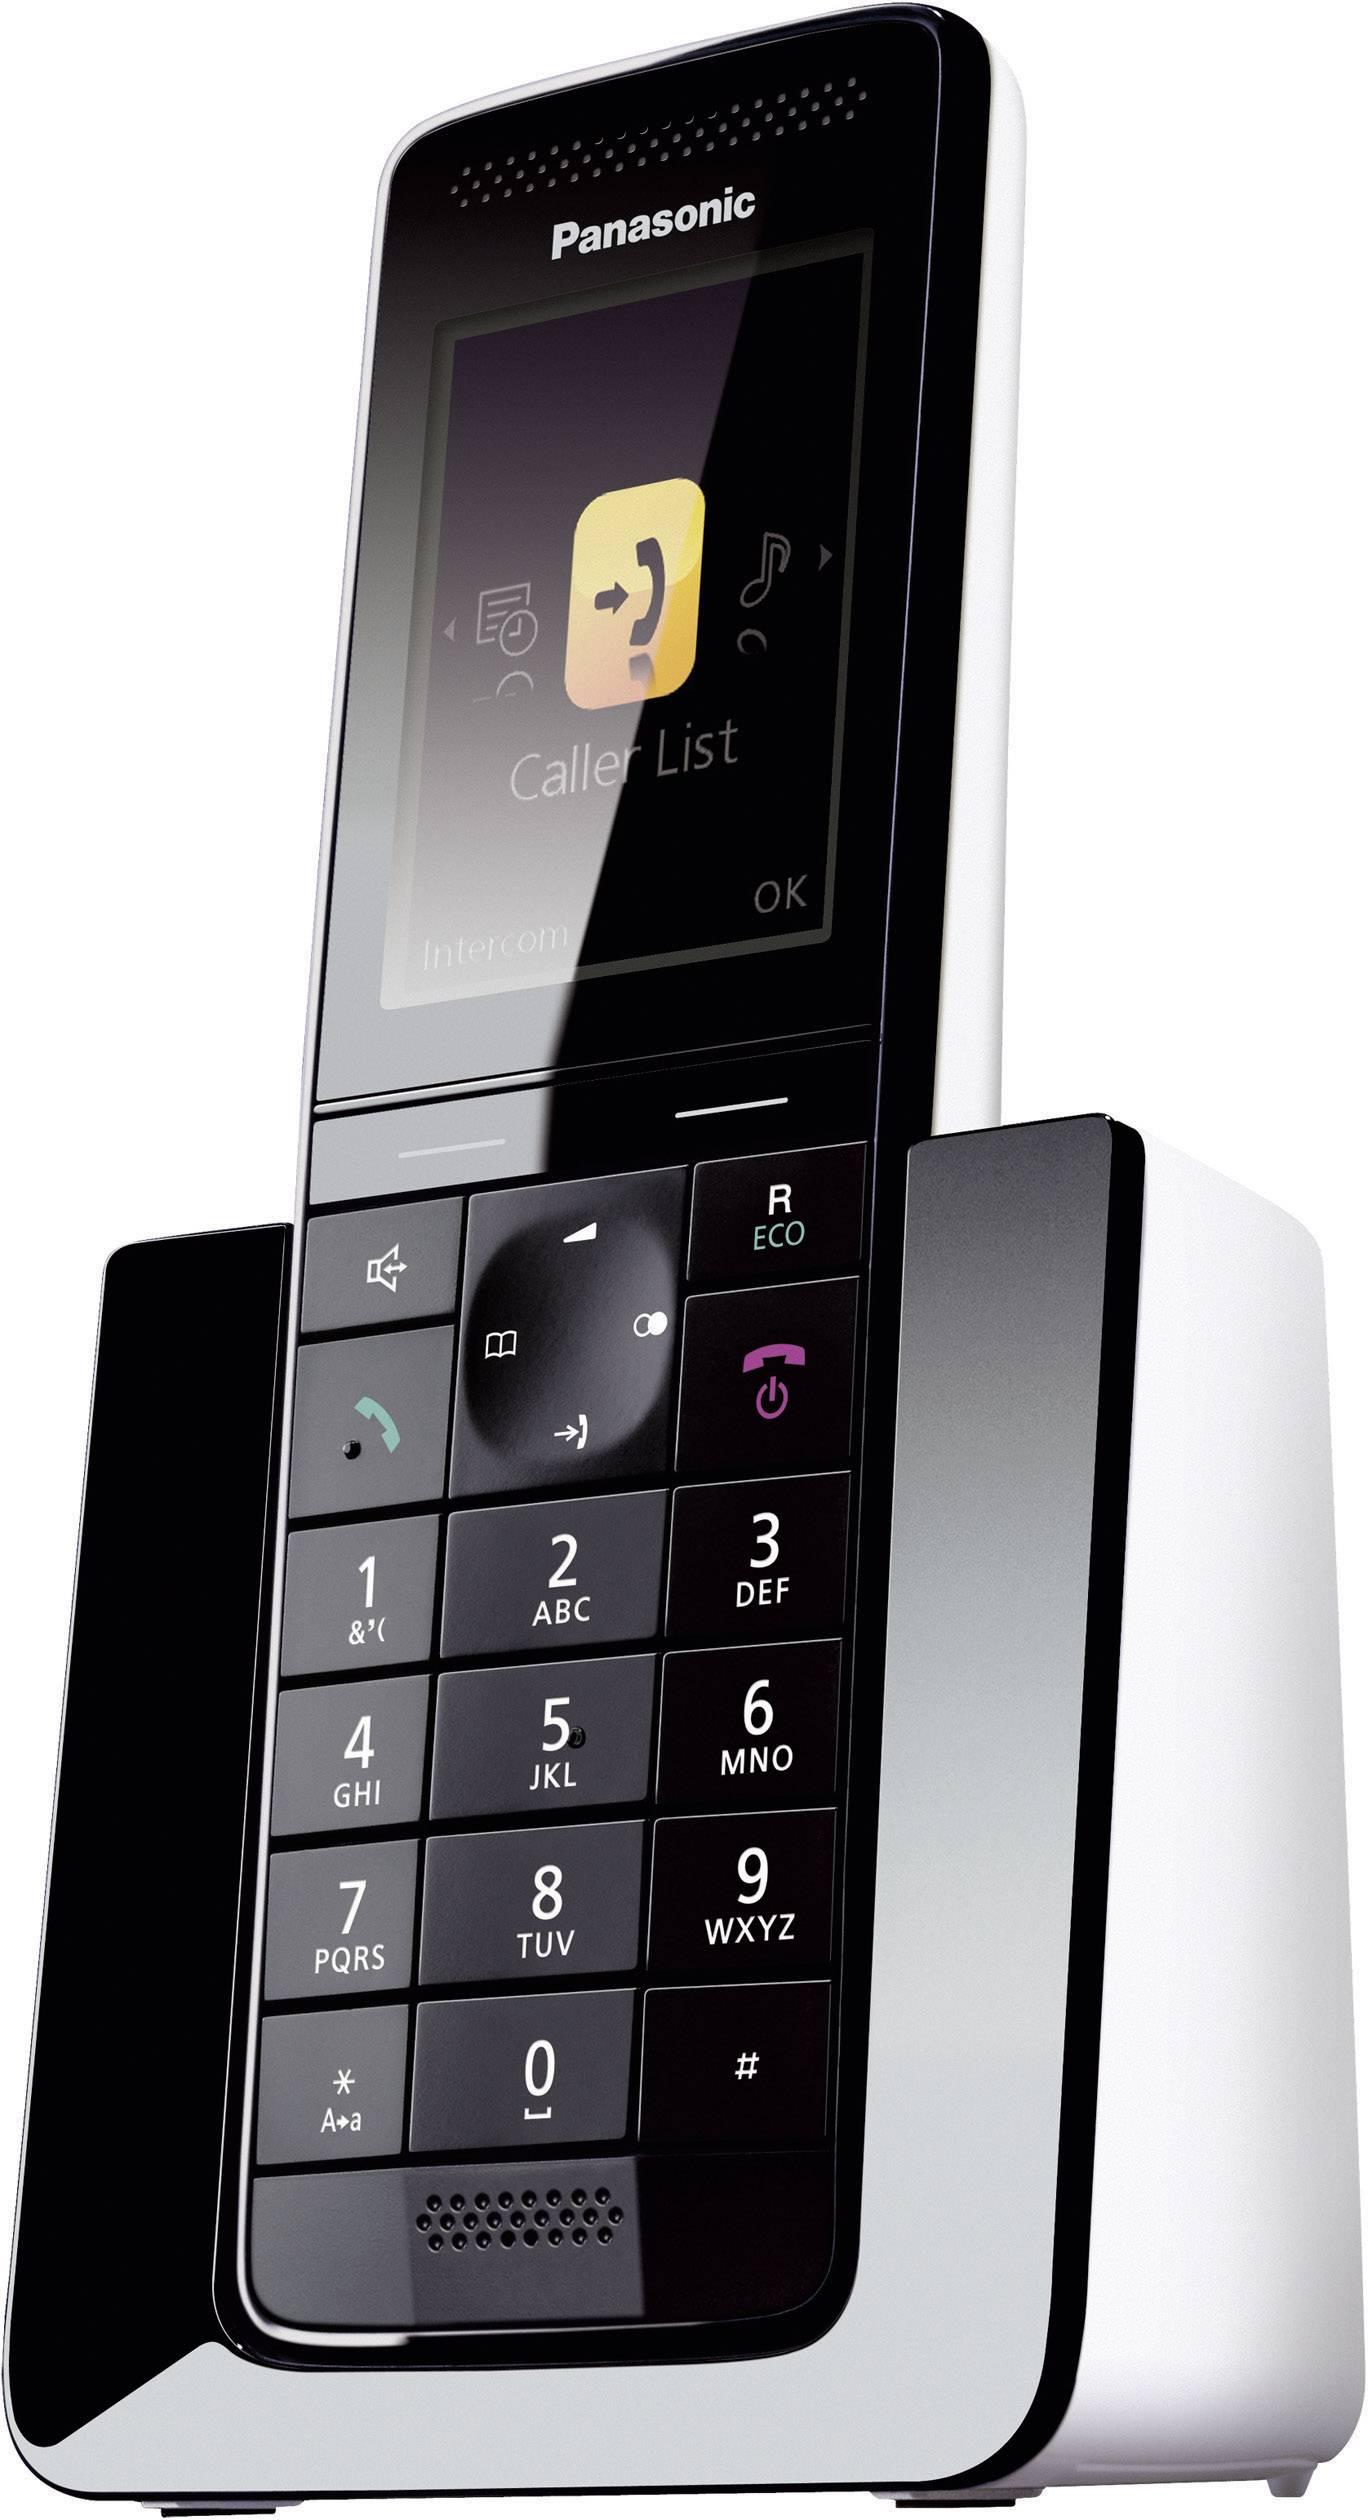 Bezdrôtový analógový telefón Panasonic KX-PRS120, čierna, biela